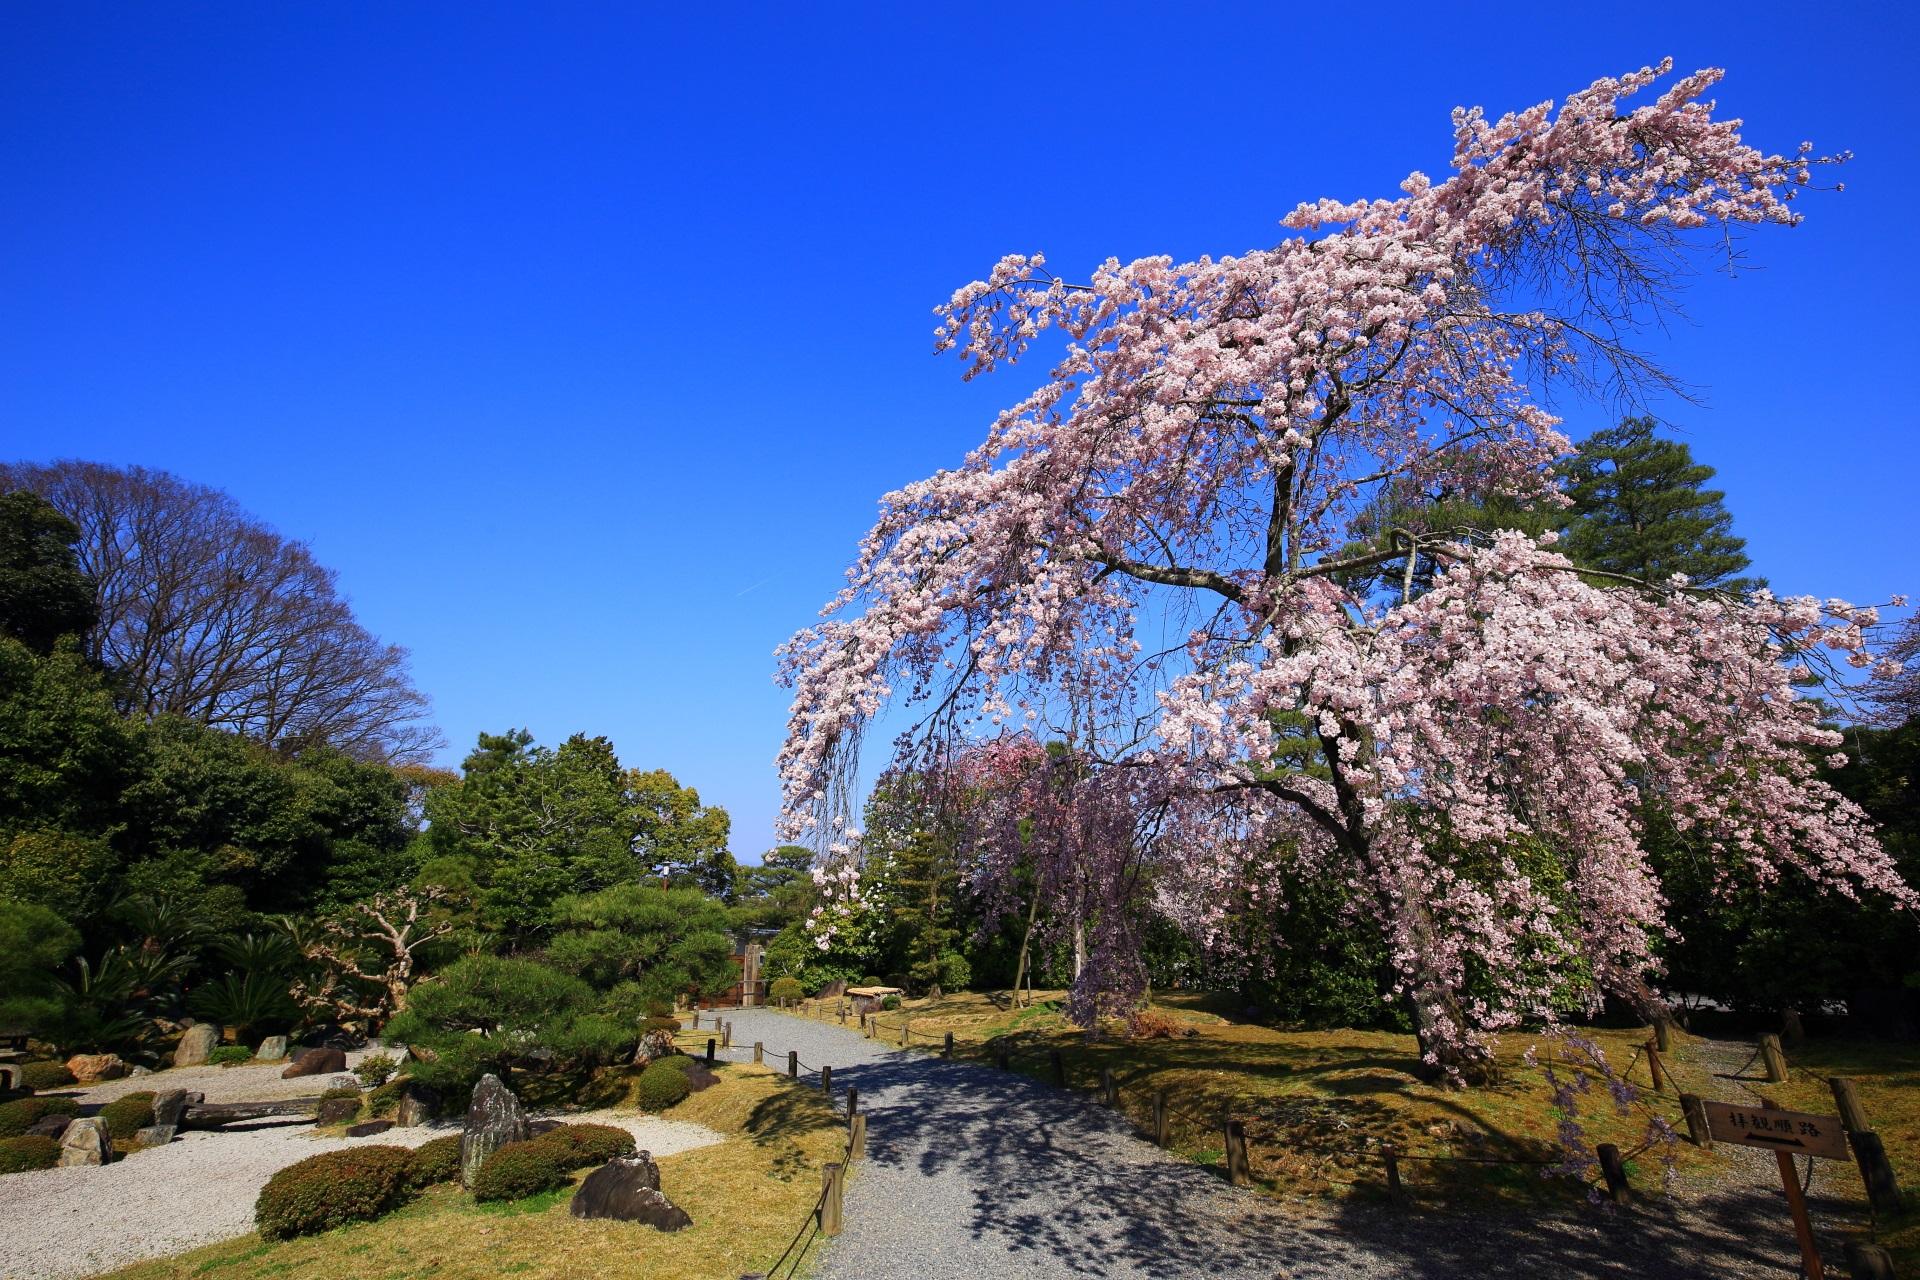 静かに咲き誇るしだれ桜